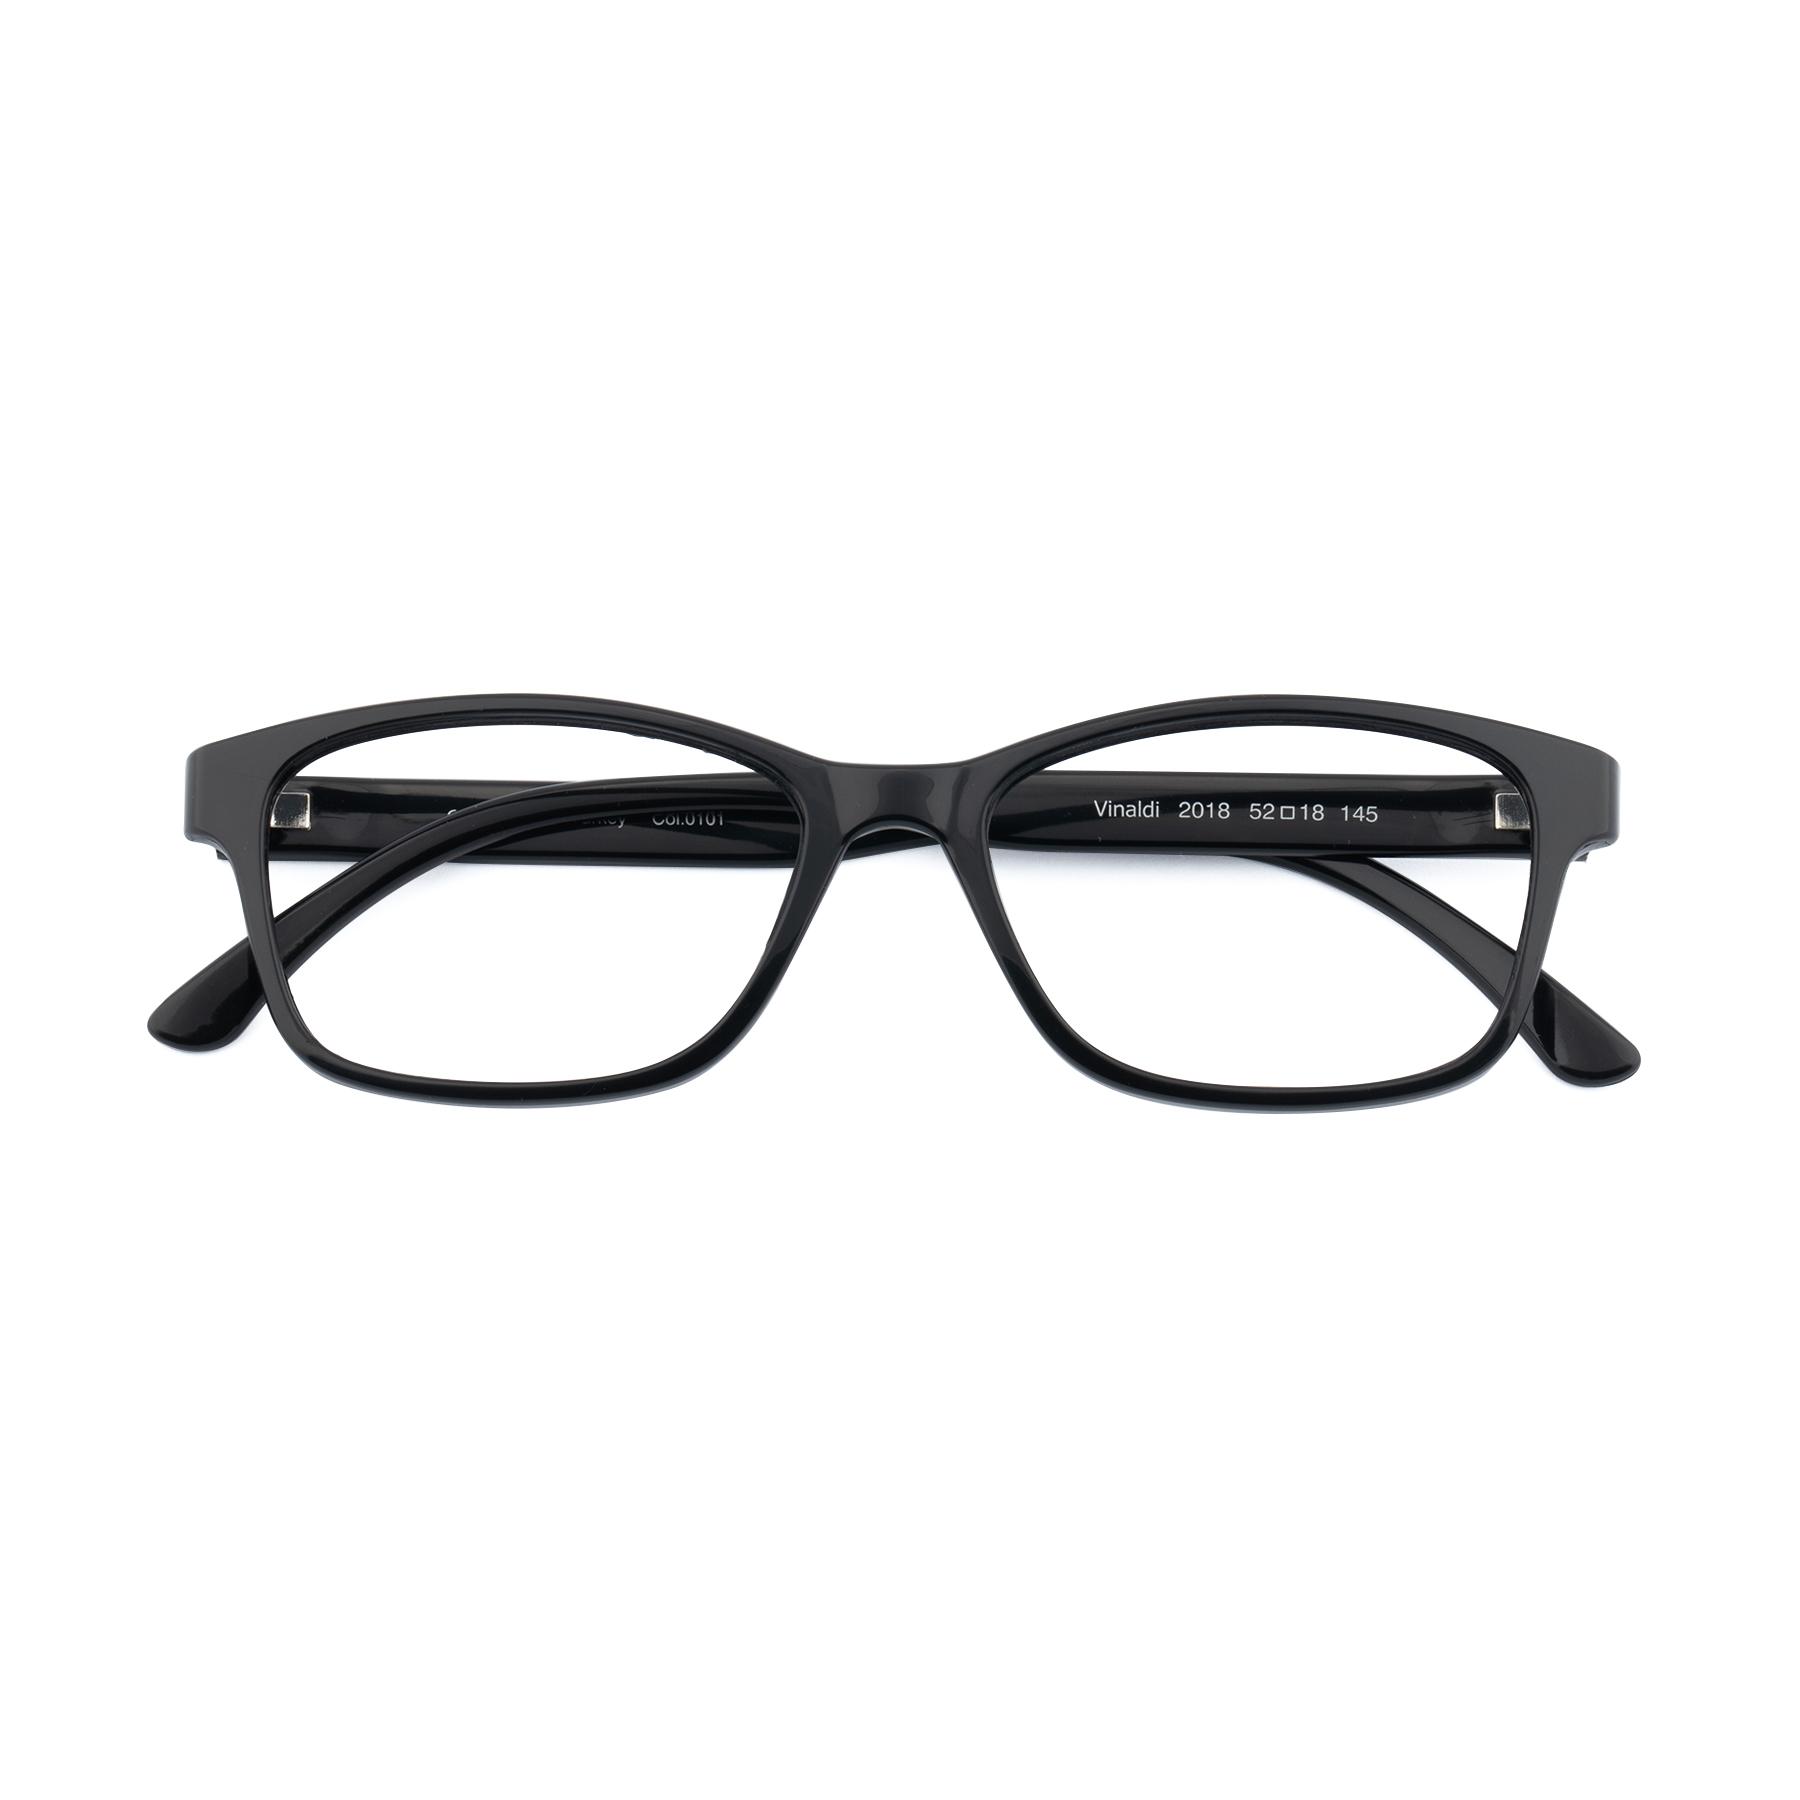 Vinaldi 2018 Gözlük Çerçevesi